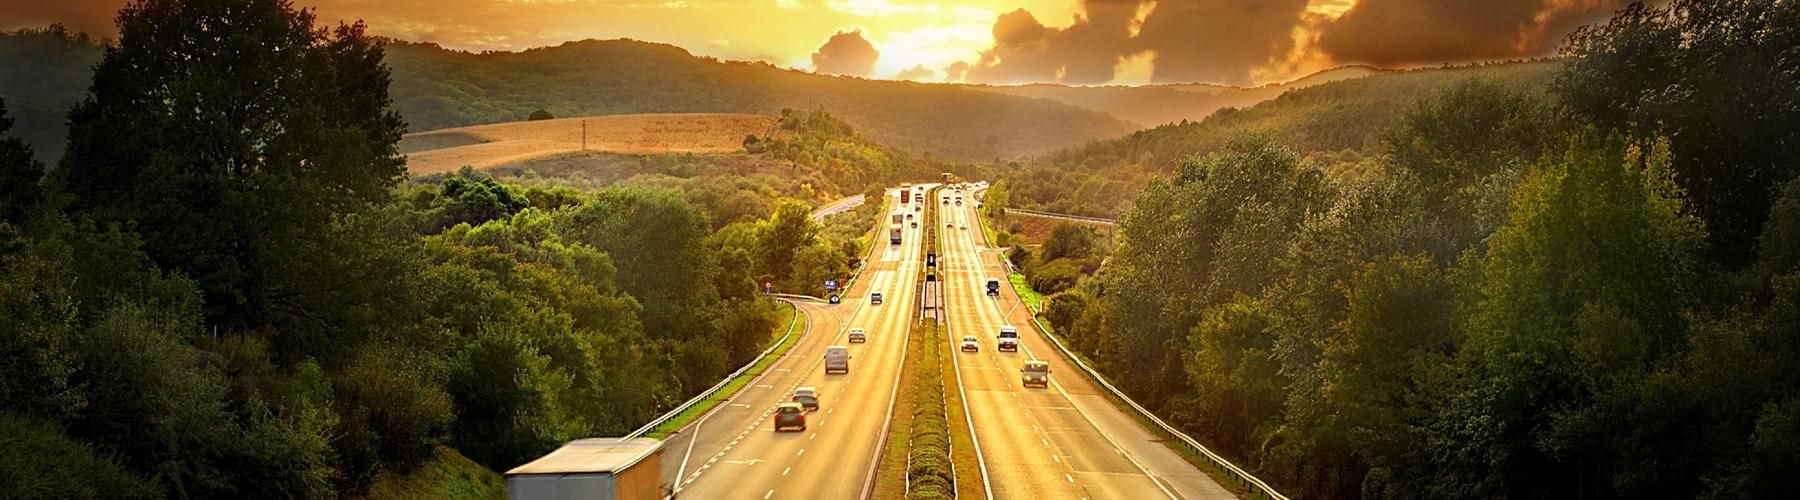 Motorway view at sunset